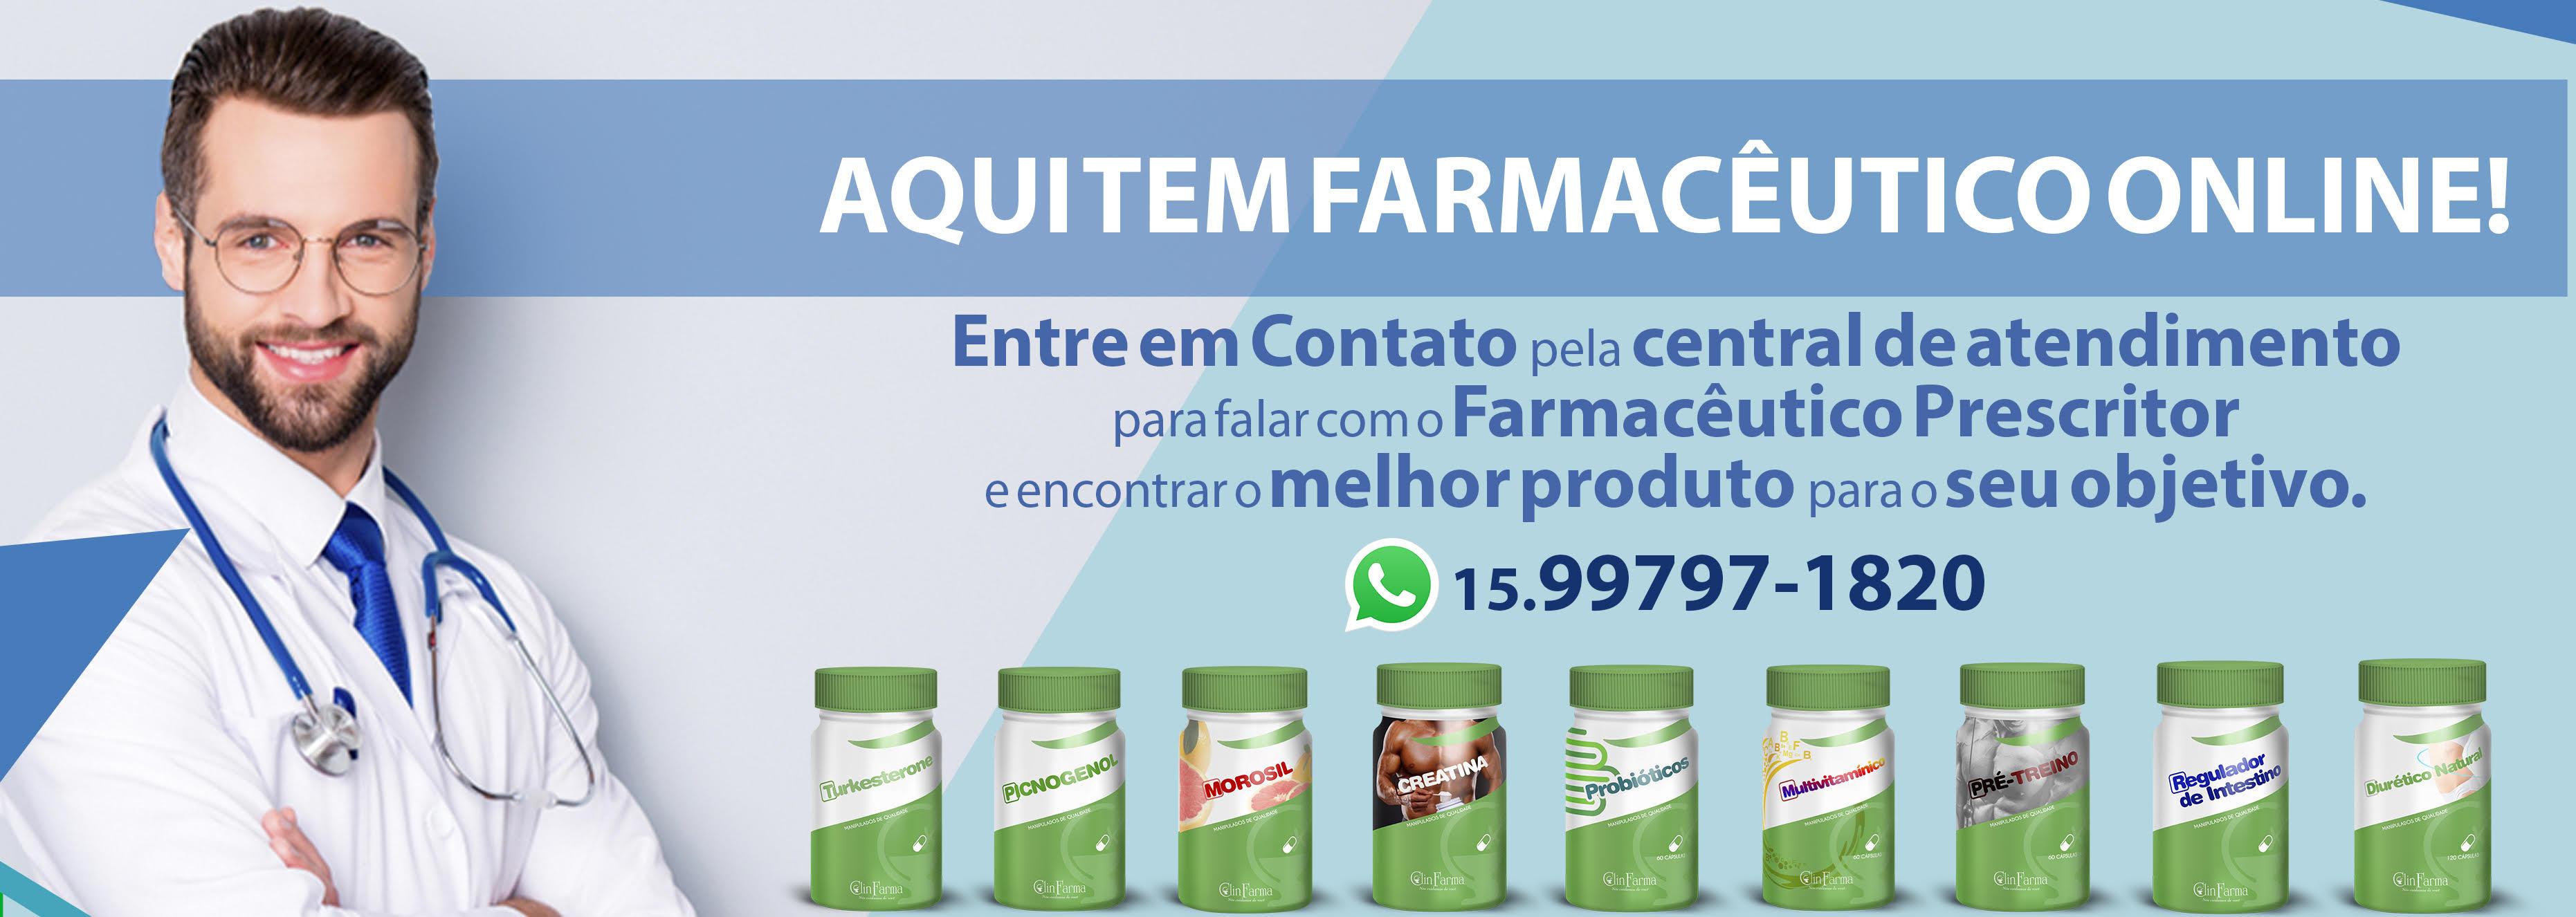 Aqui tem farmacêutico online!